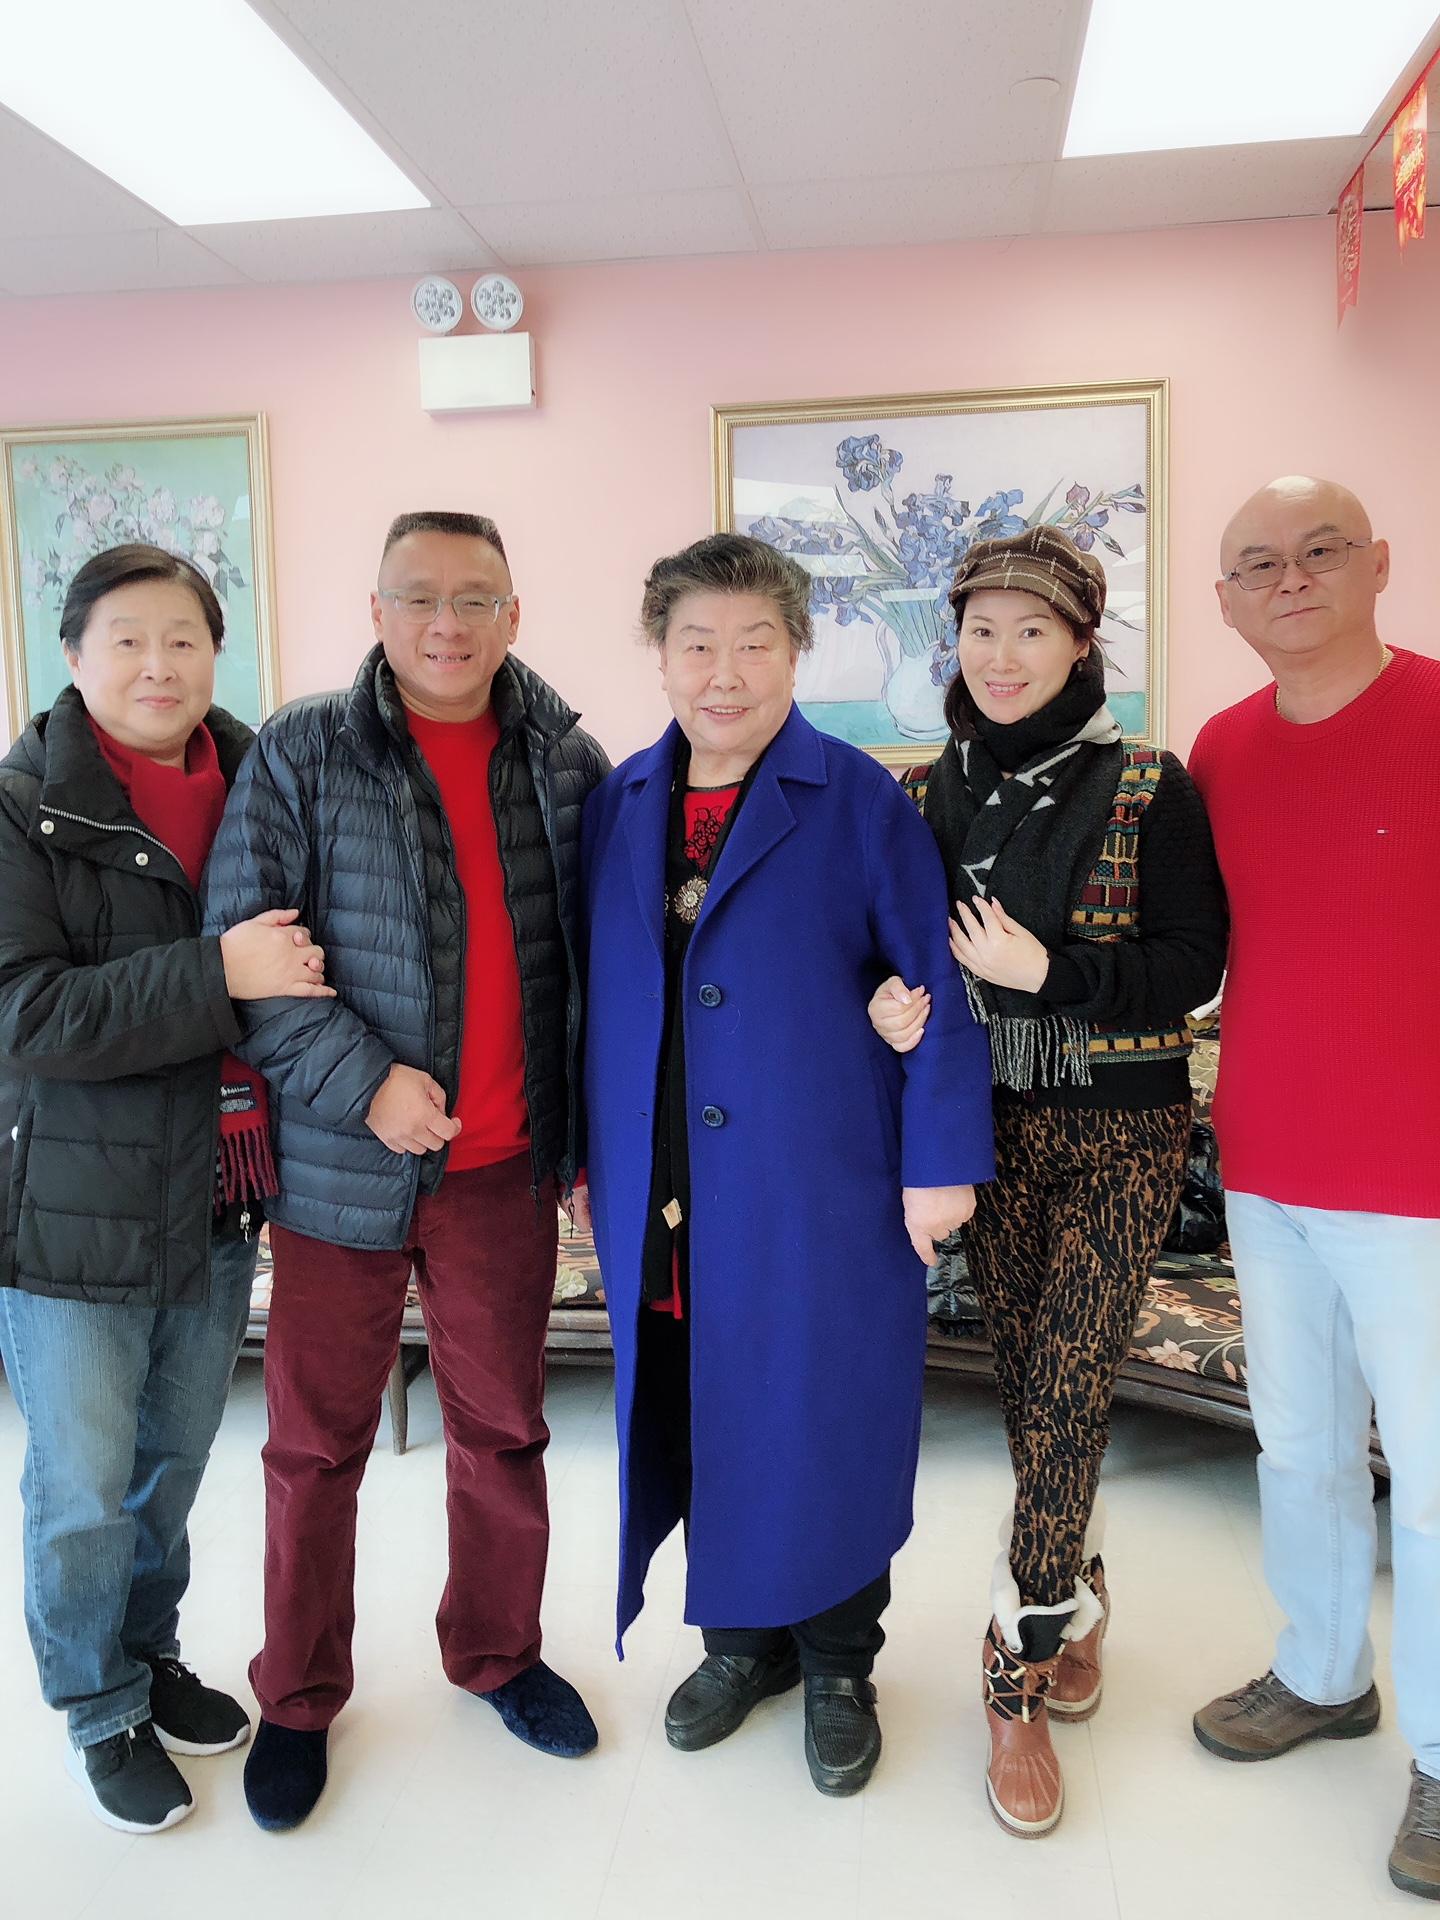 陈师母 (陈新章太太),李愔,承立平(纽约上海联谊会会长),邬素斐,树志明